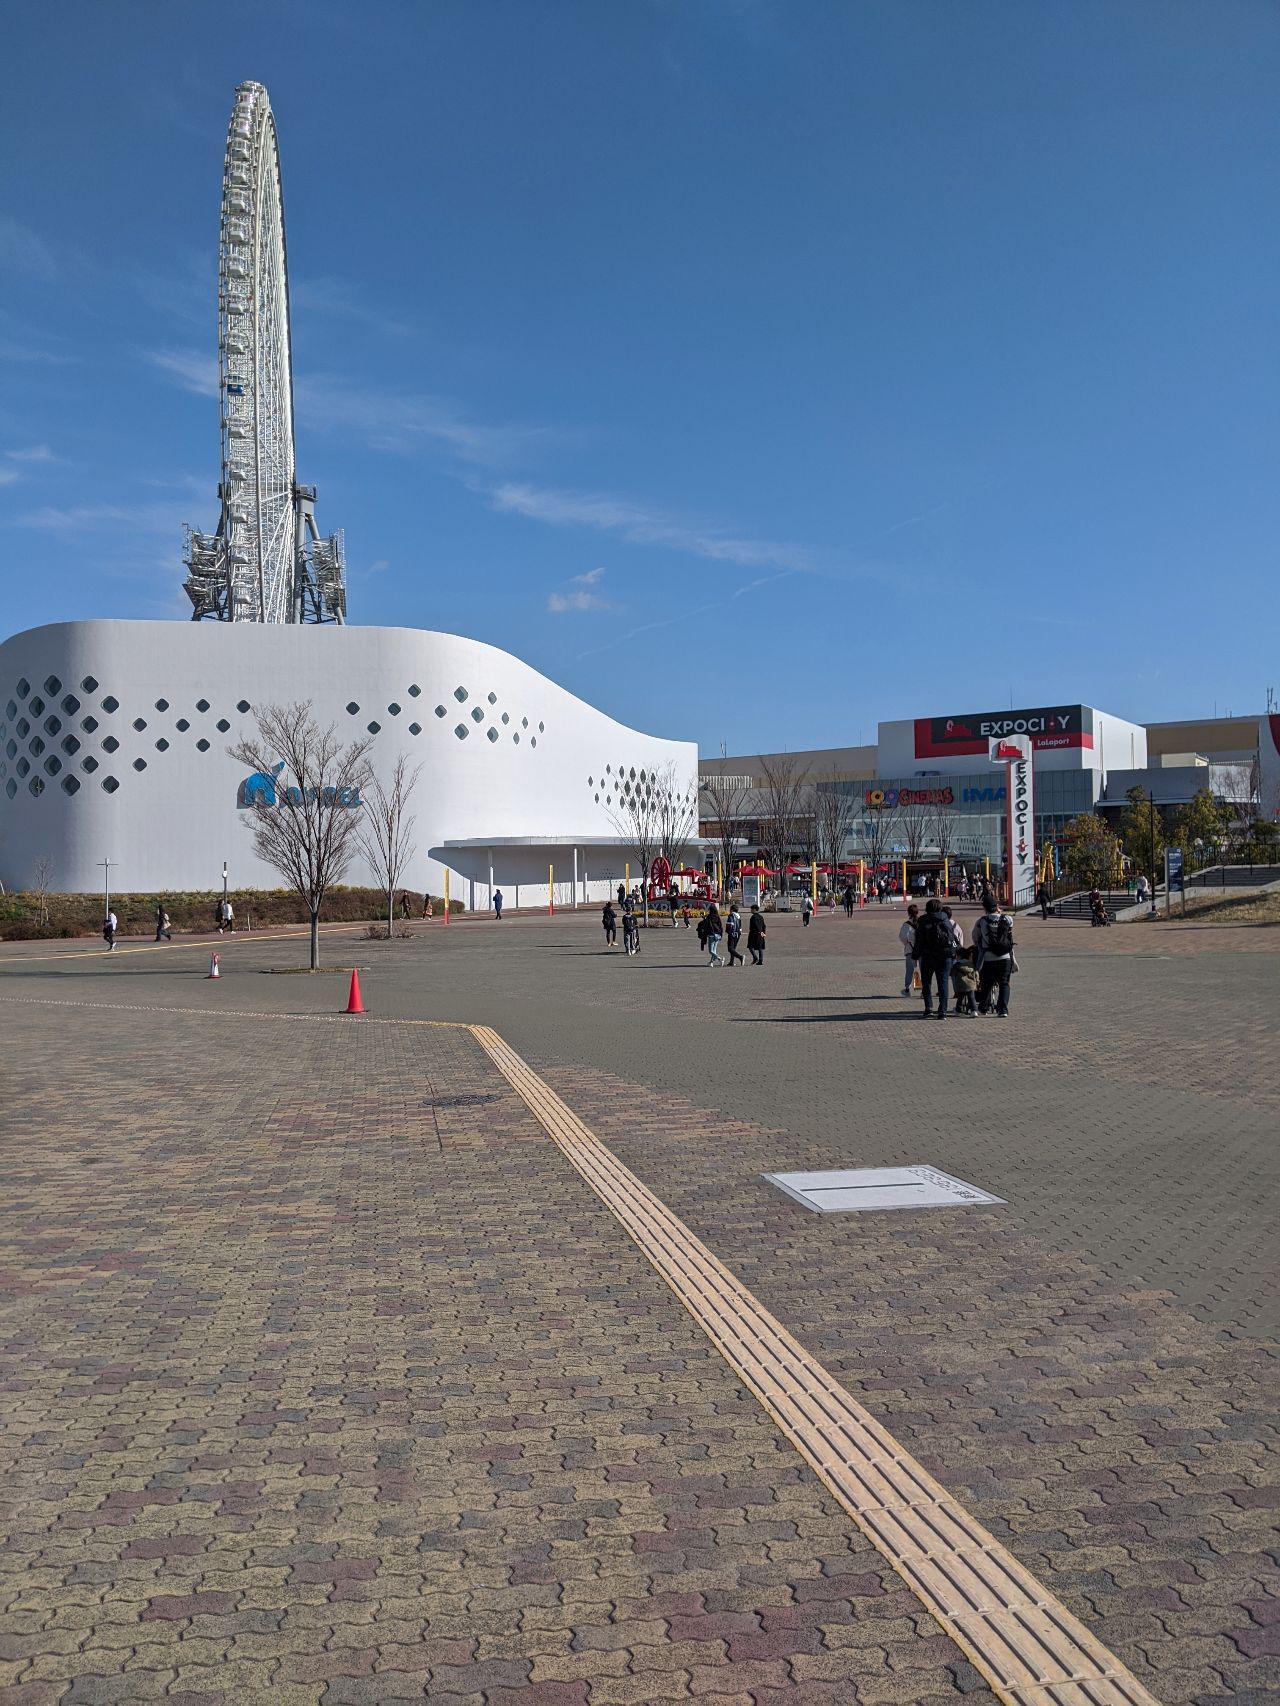 Osaka Expo 1